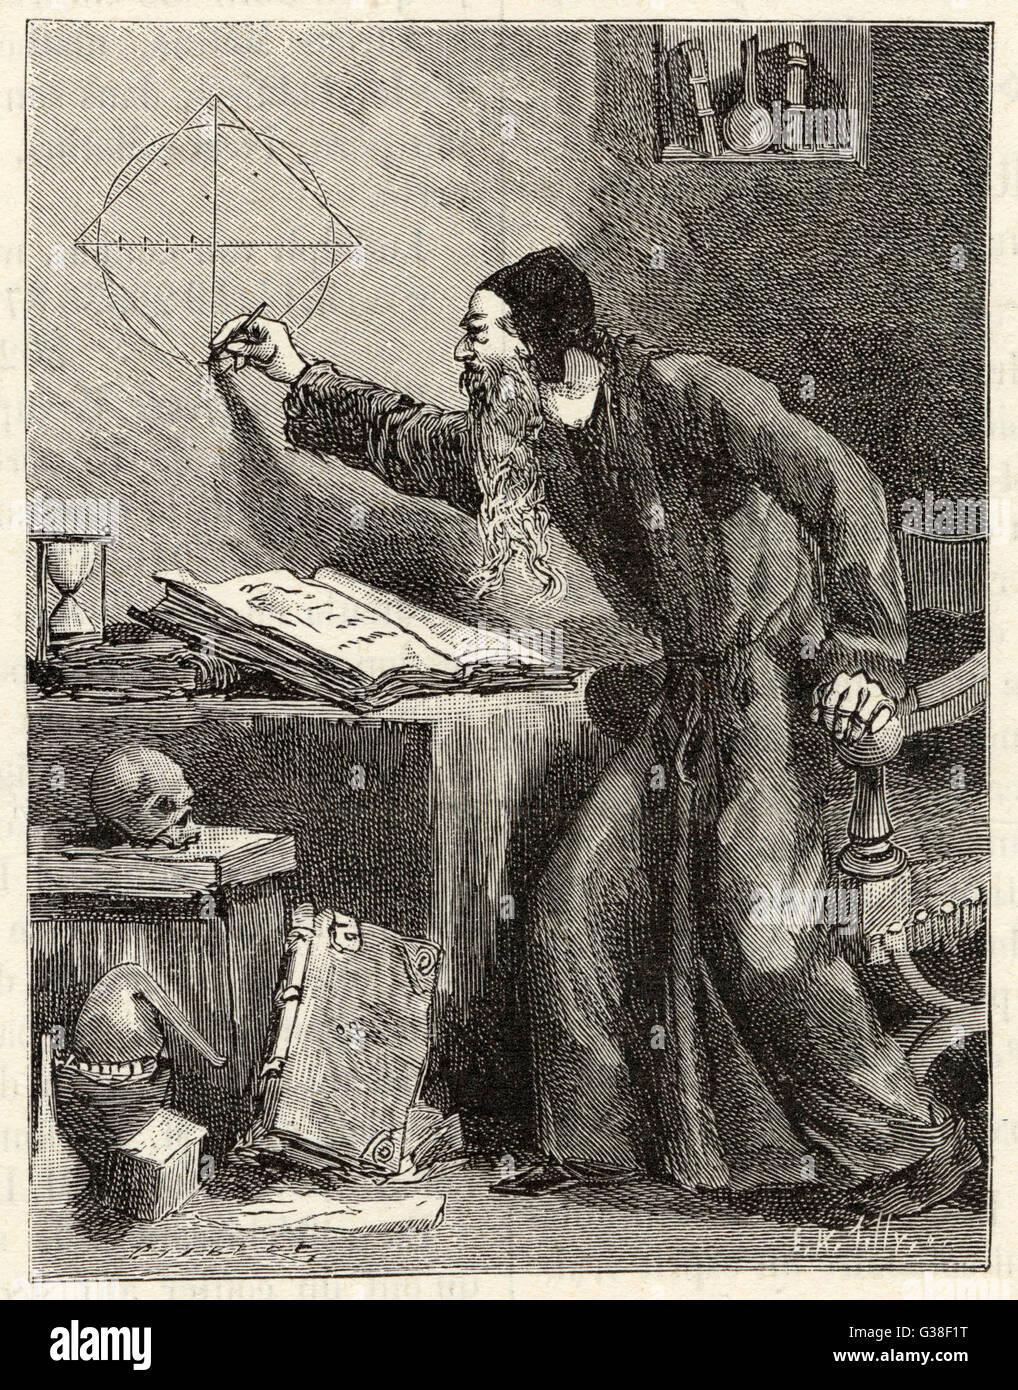 """Un matemático renacentista pretende """"cuadrado el círculo"""" Fecha: siglo XVI Imagen De Stock"""